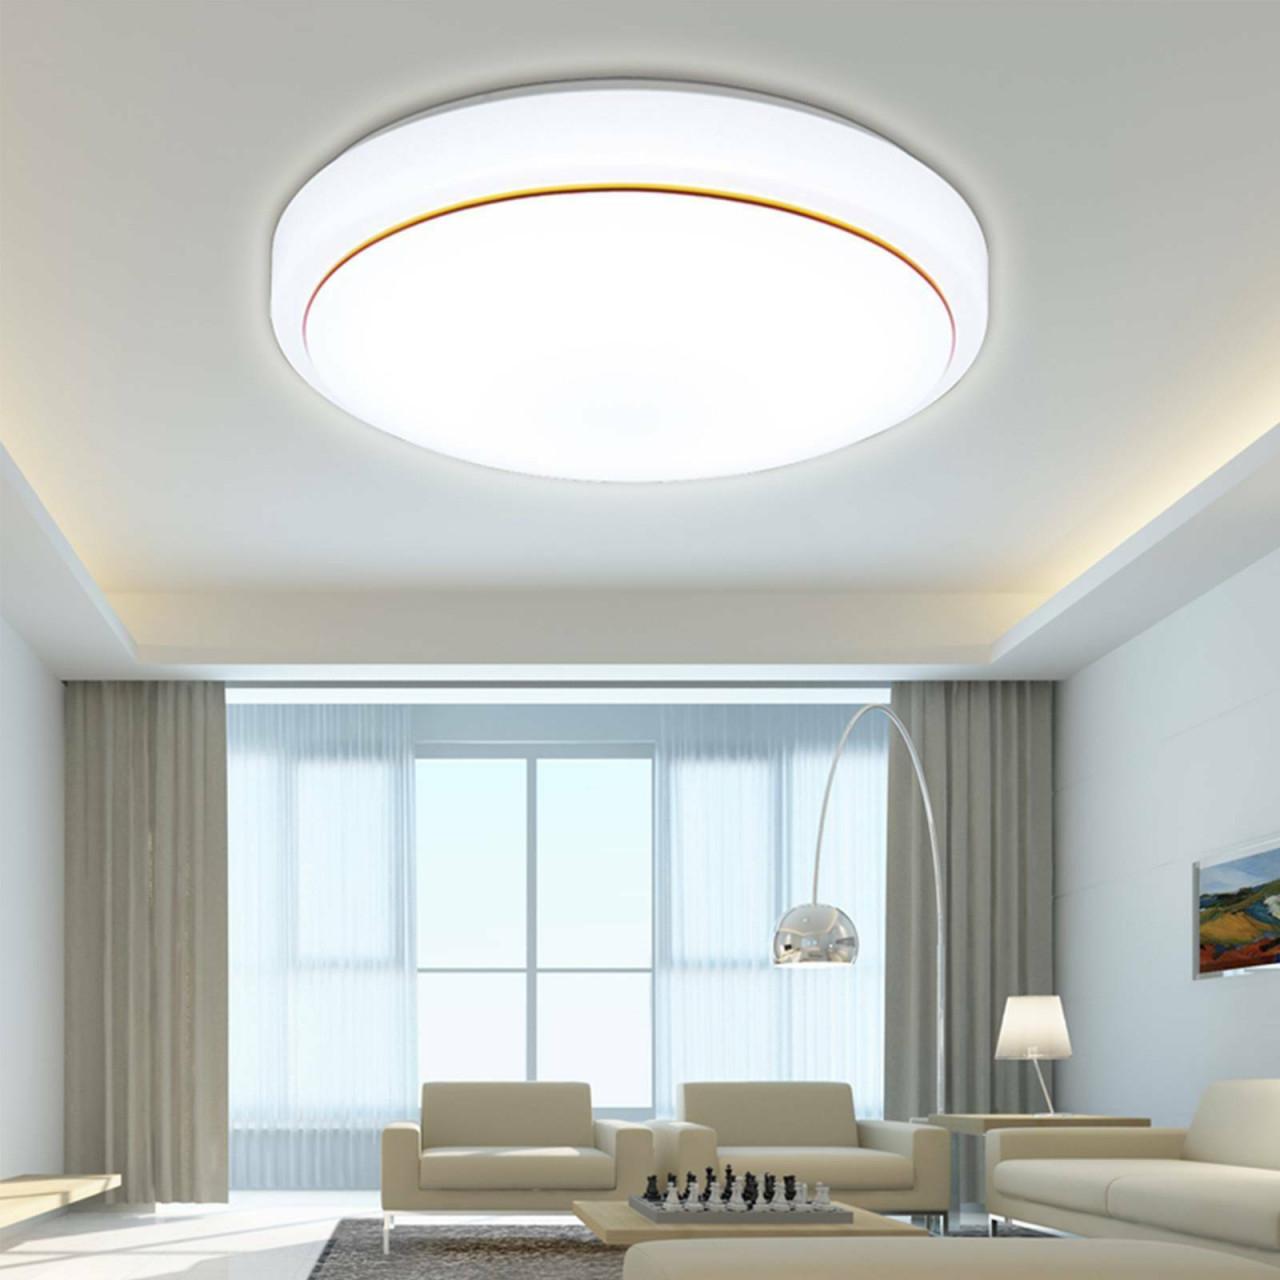 36W Led Deckenlampe Deckenleuchte Wohnzimmer Küchen Lampe Küche 40Cm Runde  Licht von Led Wohnzimmer Lampe Bild